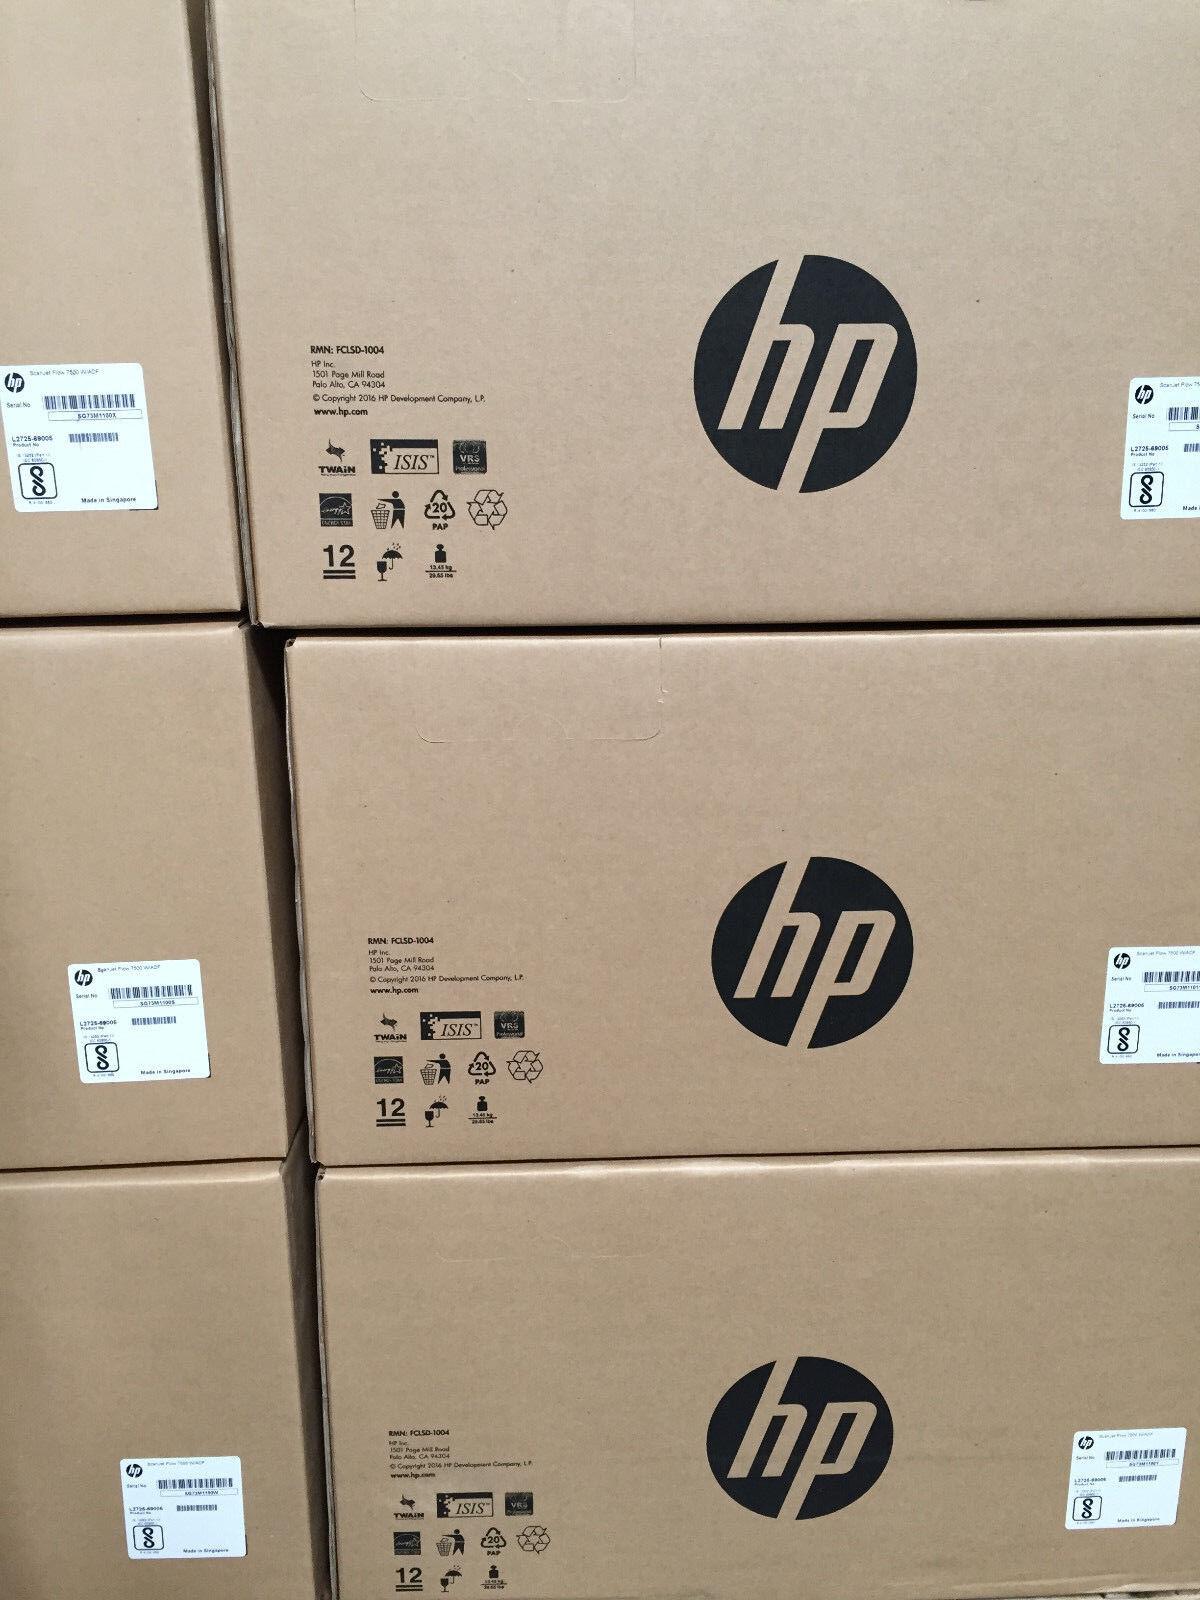 Hp Scanjet Enterprise Flow 7500 Adf Flatbed Usb Scanner L2725 64002 For Sale Online Ebay